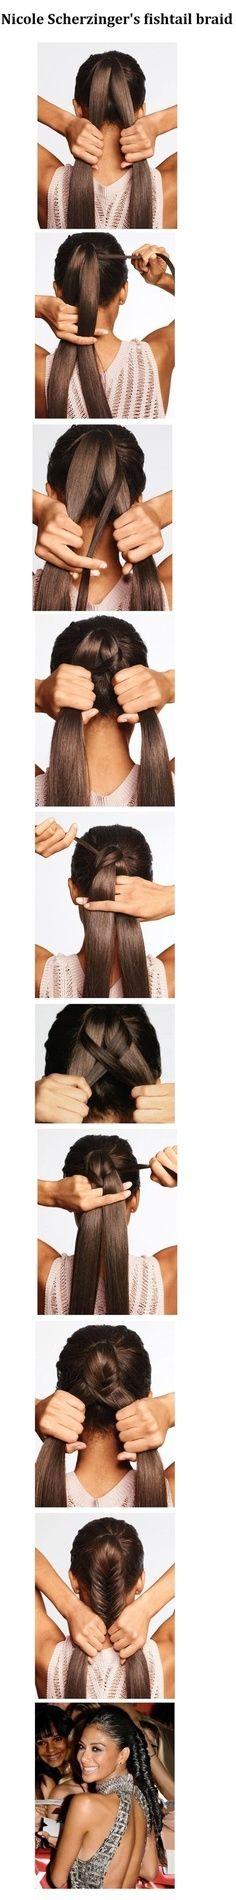 DIY Fishtail Braid diy easy diy diy beauty diy hair diy fashion beauty diy diy style diy hair style